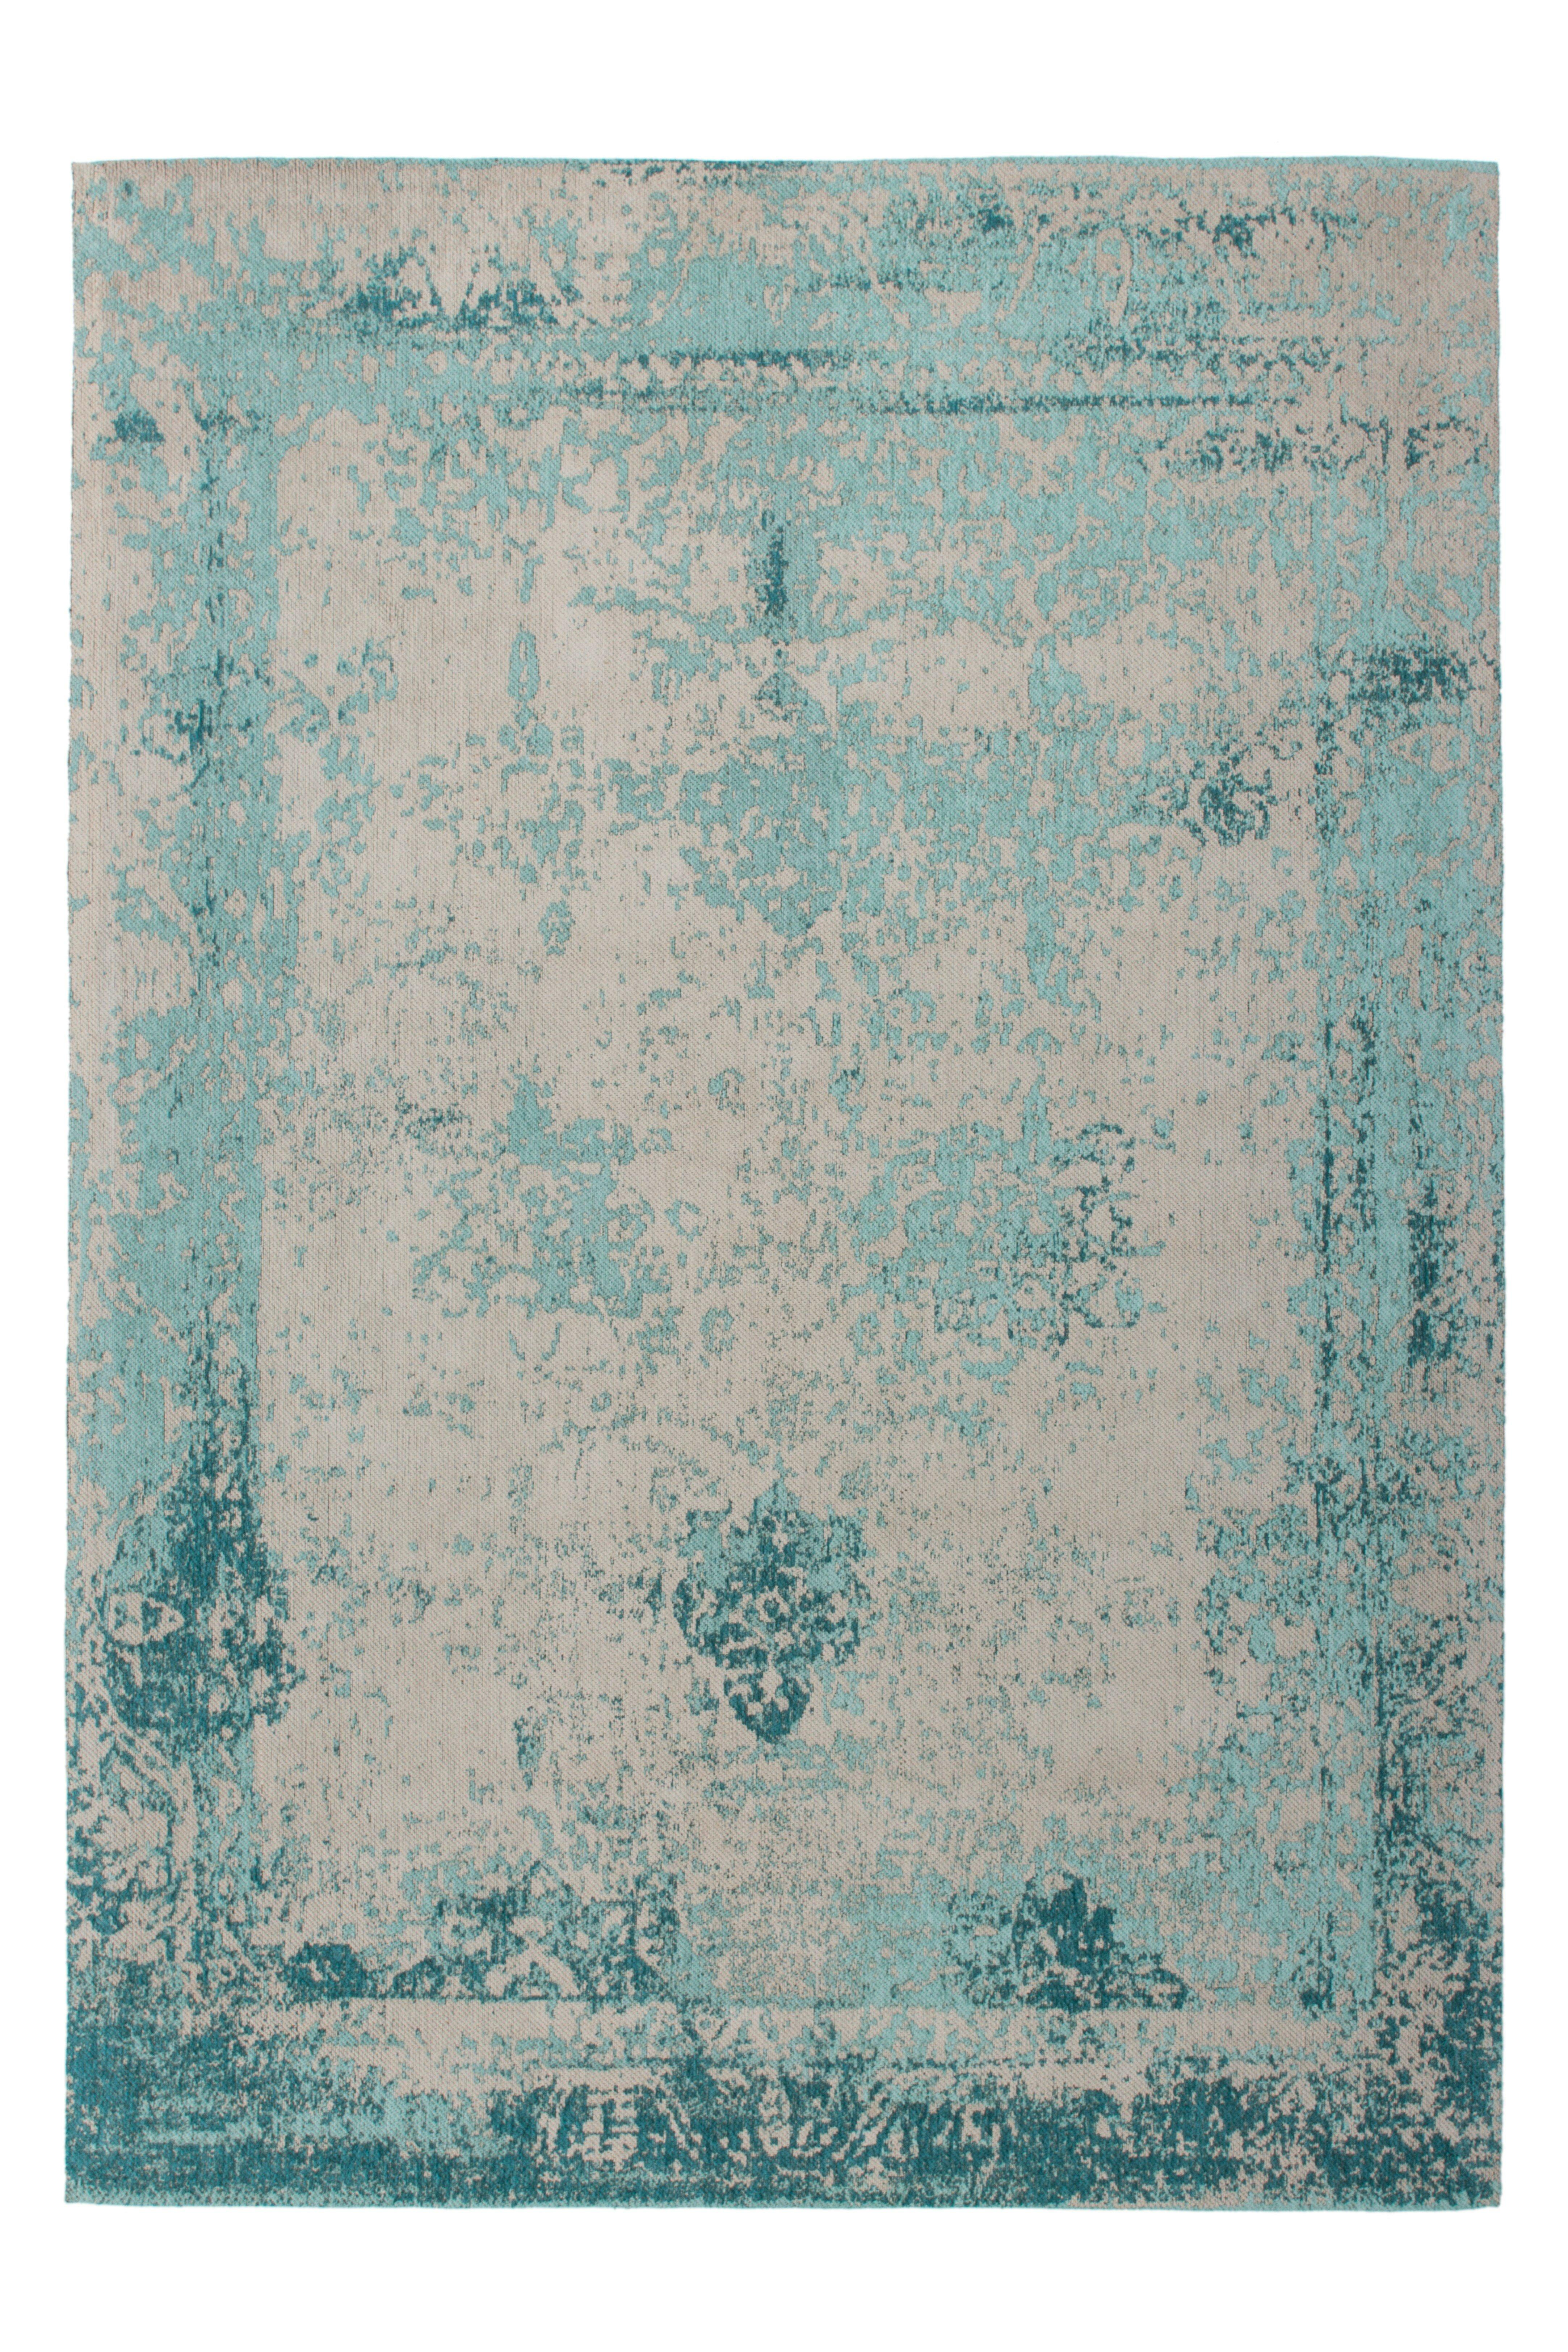 Ethel Handwoven Turquoise Rug